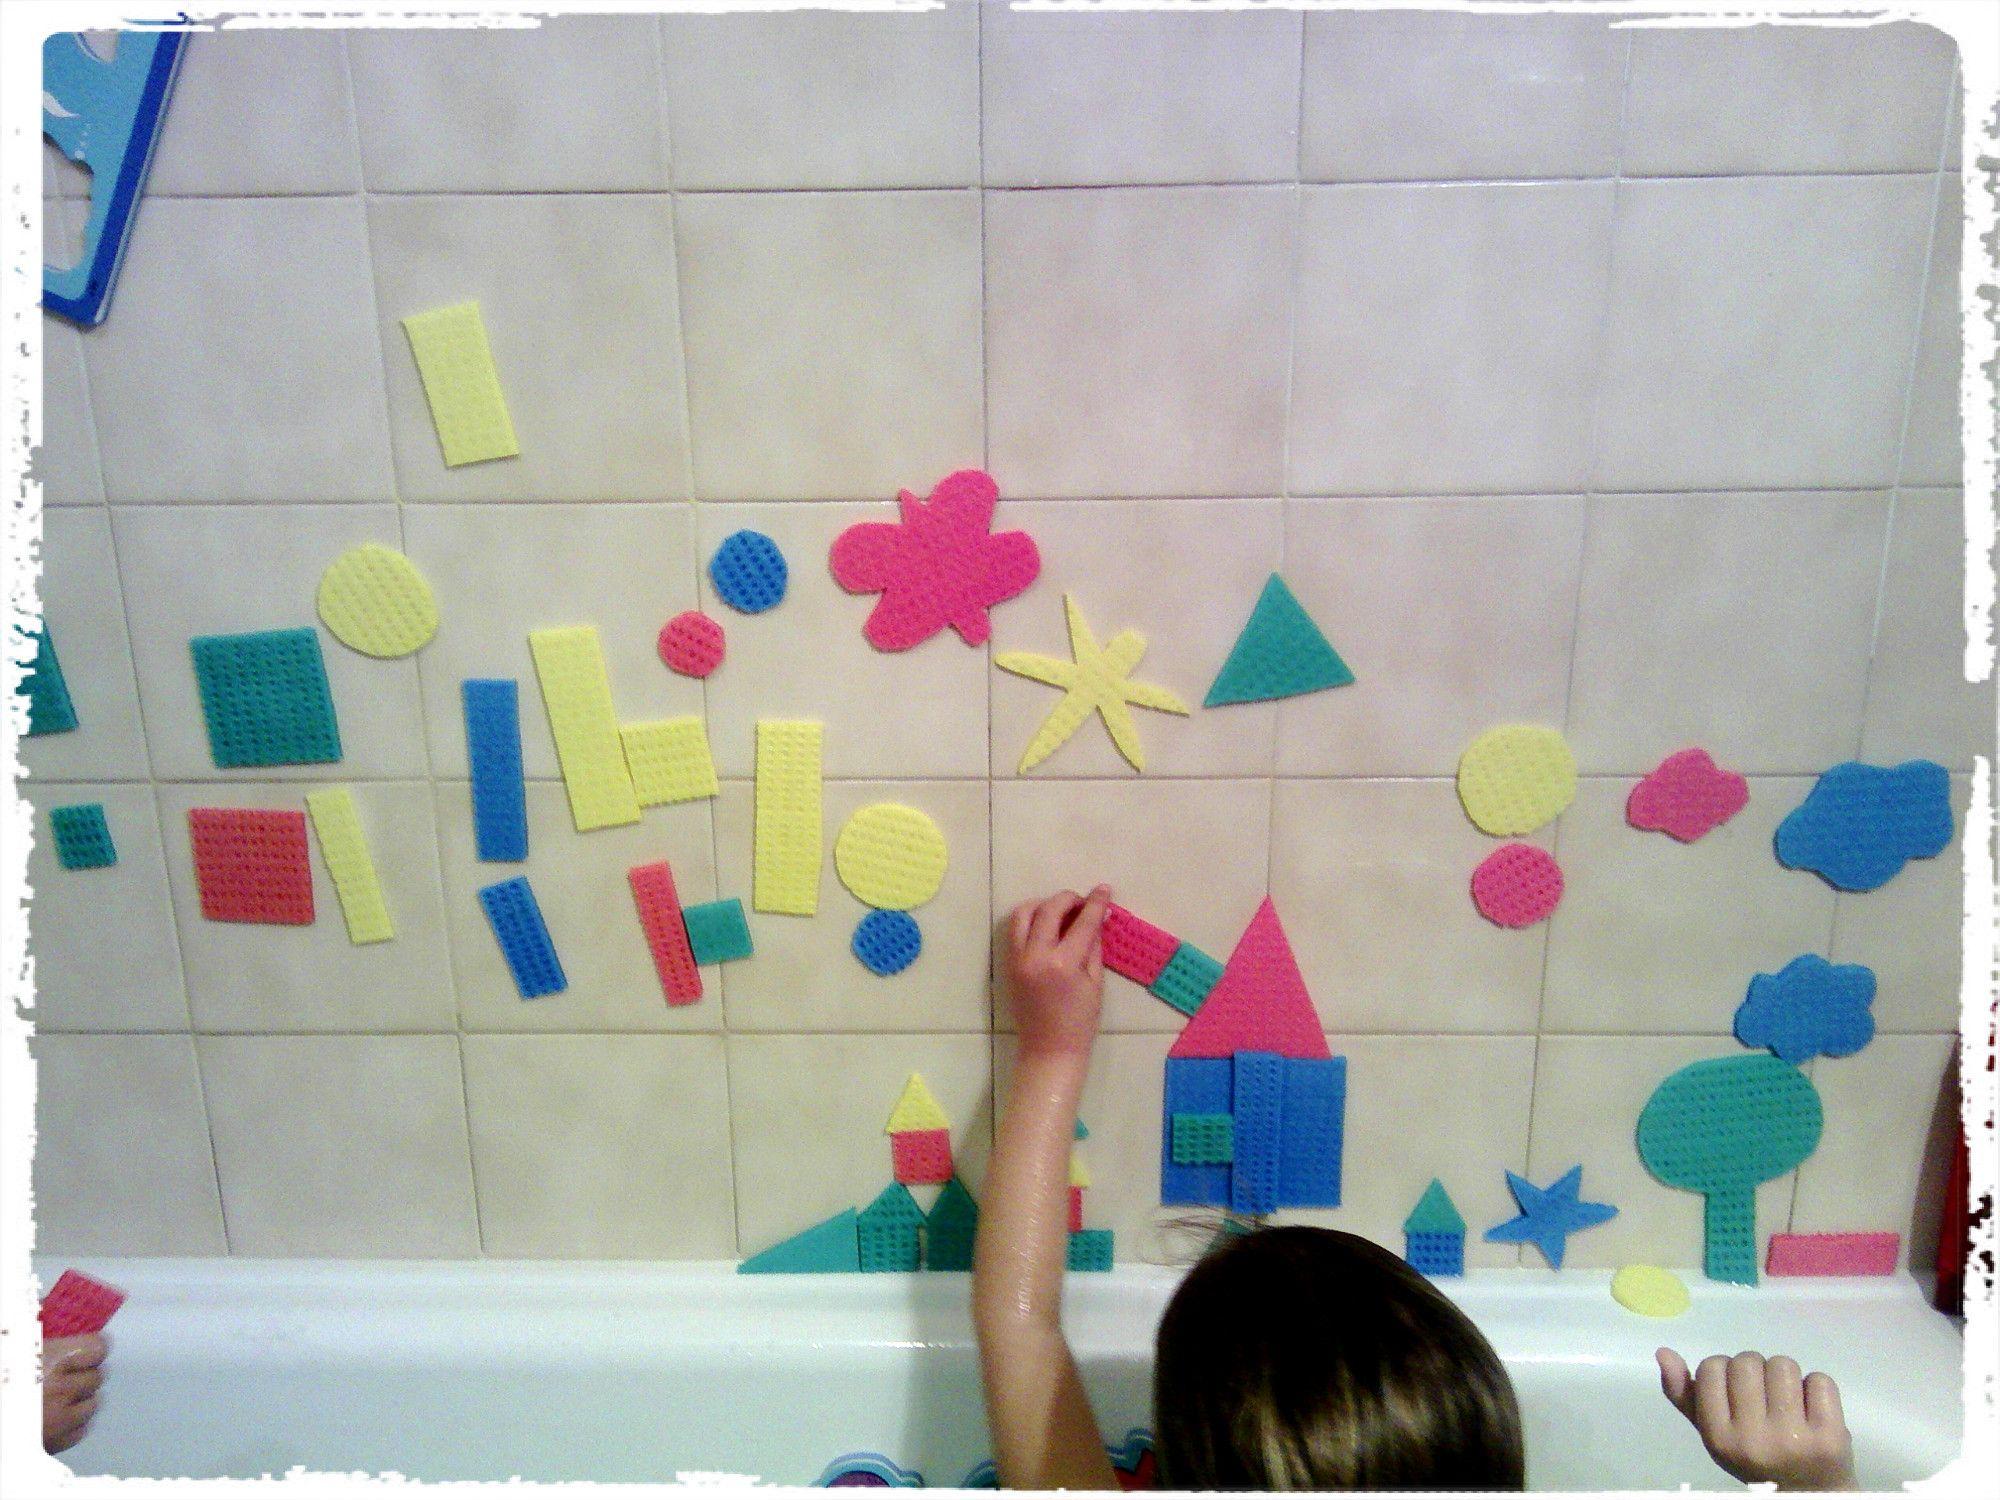 Jouer Au Tangram Dans Son Bain - | Jeux Bain, Activité destiné Jeux Pour Bébé 2 Ans